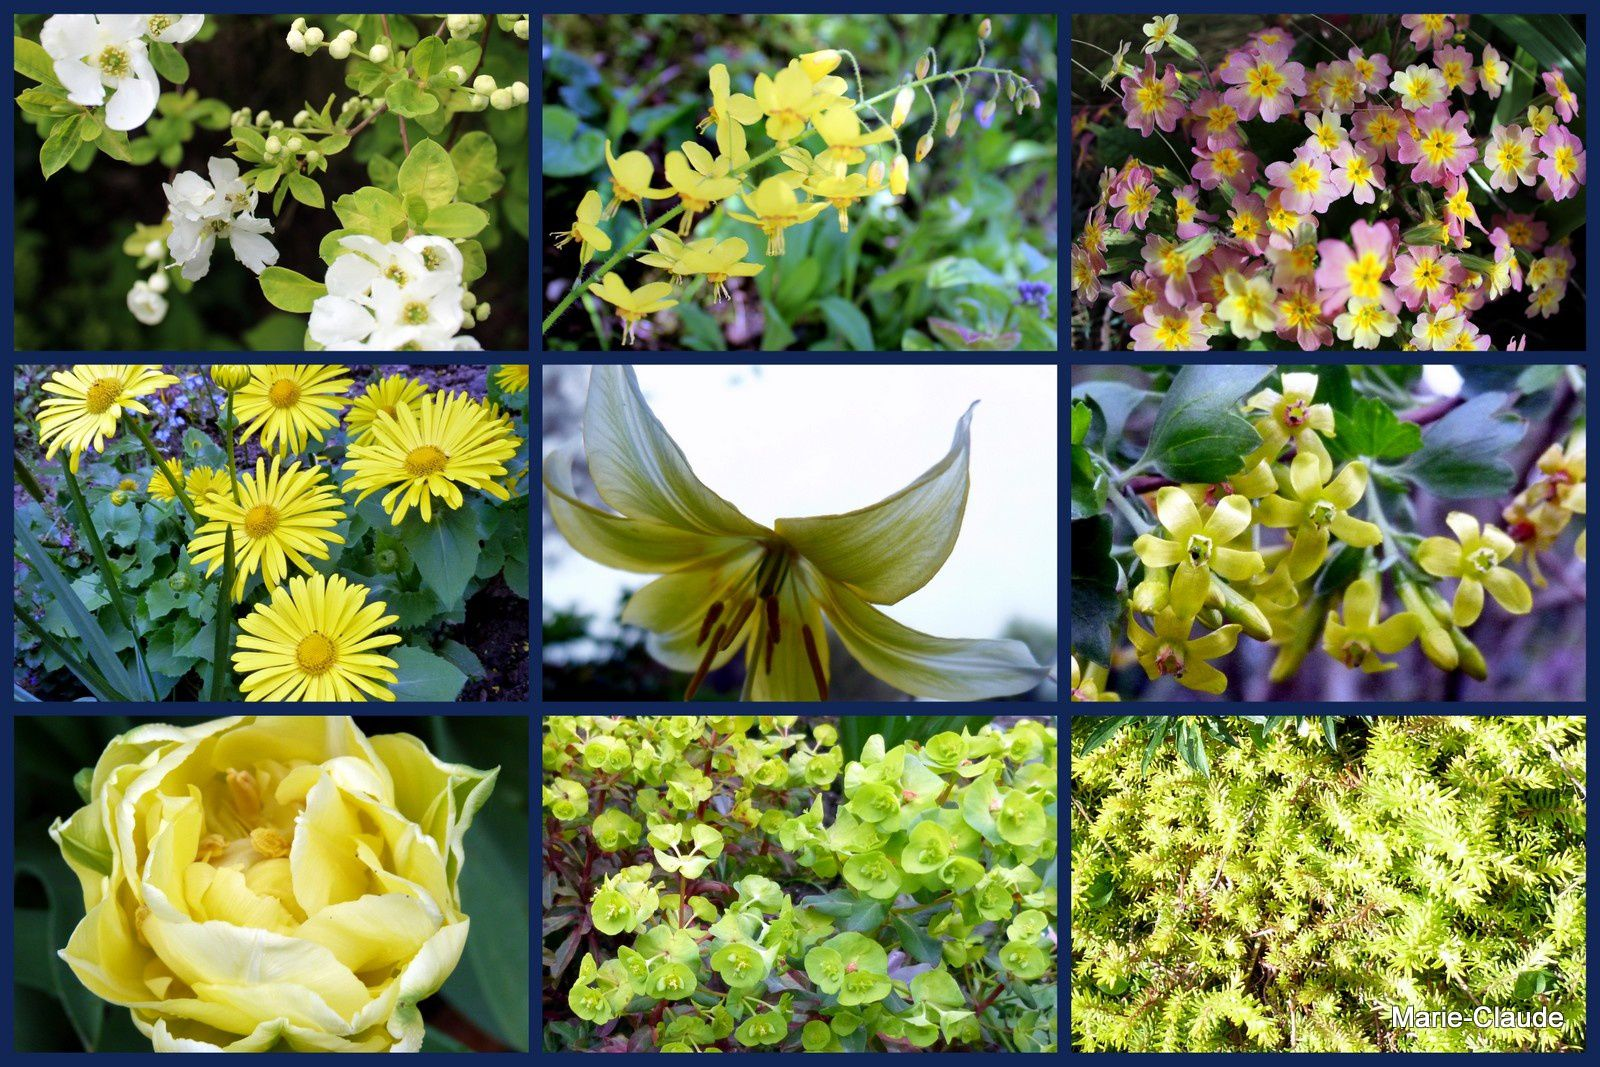 A dominante jaune, avril étant  bien sûr le mois du jaune...